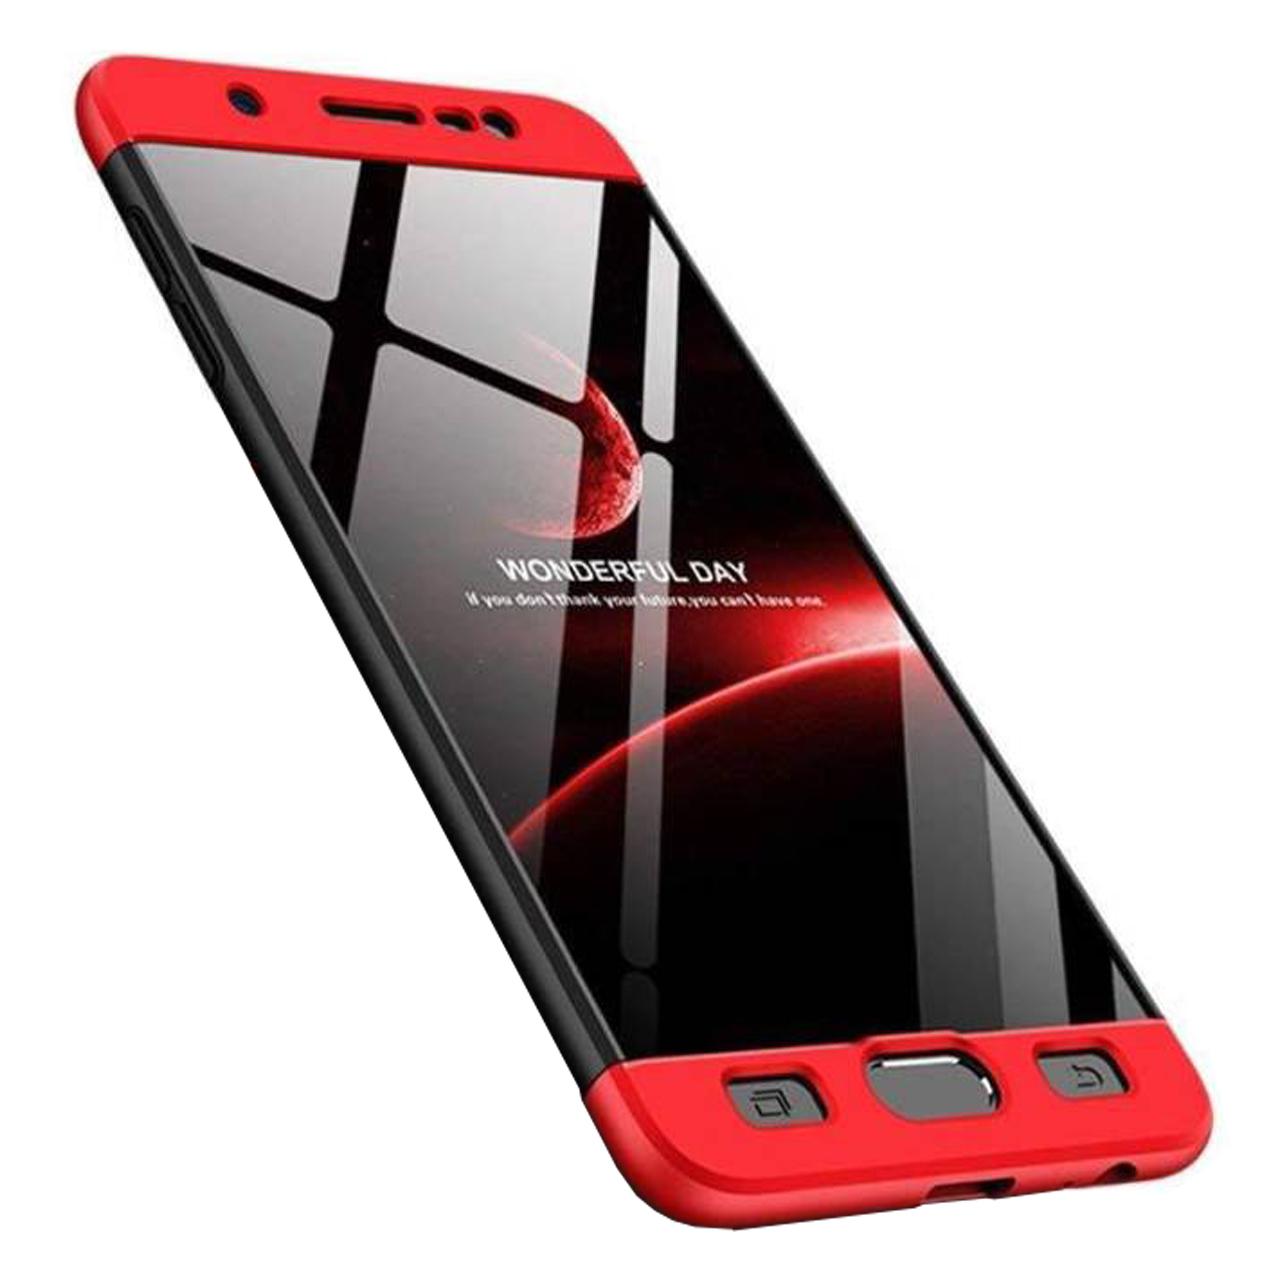 کاور مدل 030G مناسب برای گوشی سامسونگ Galaxy A520/A5 2017 |